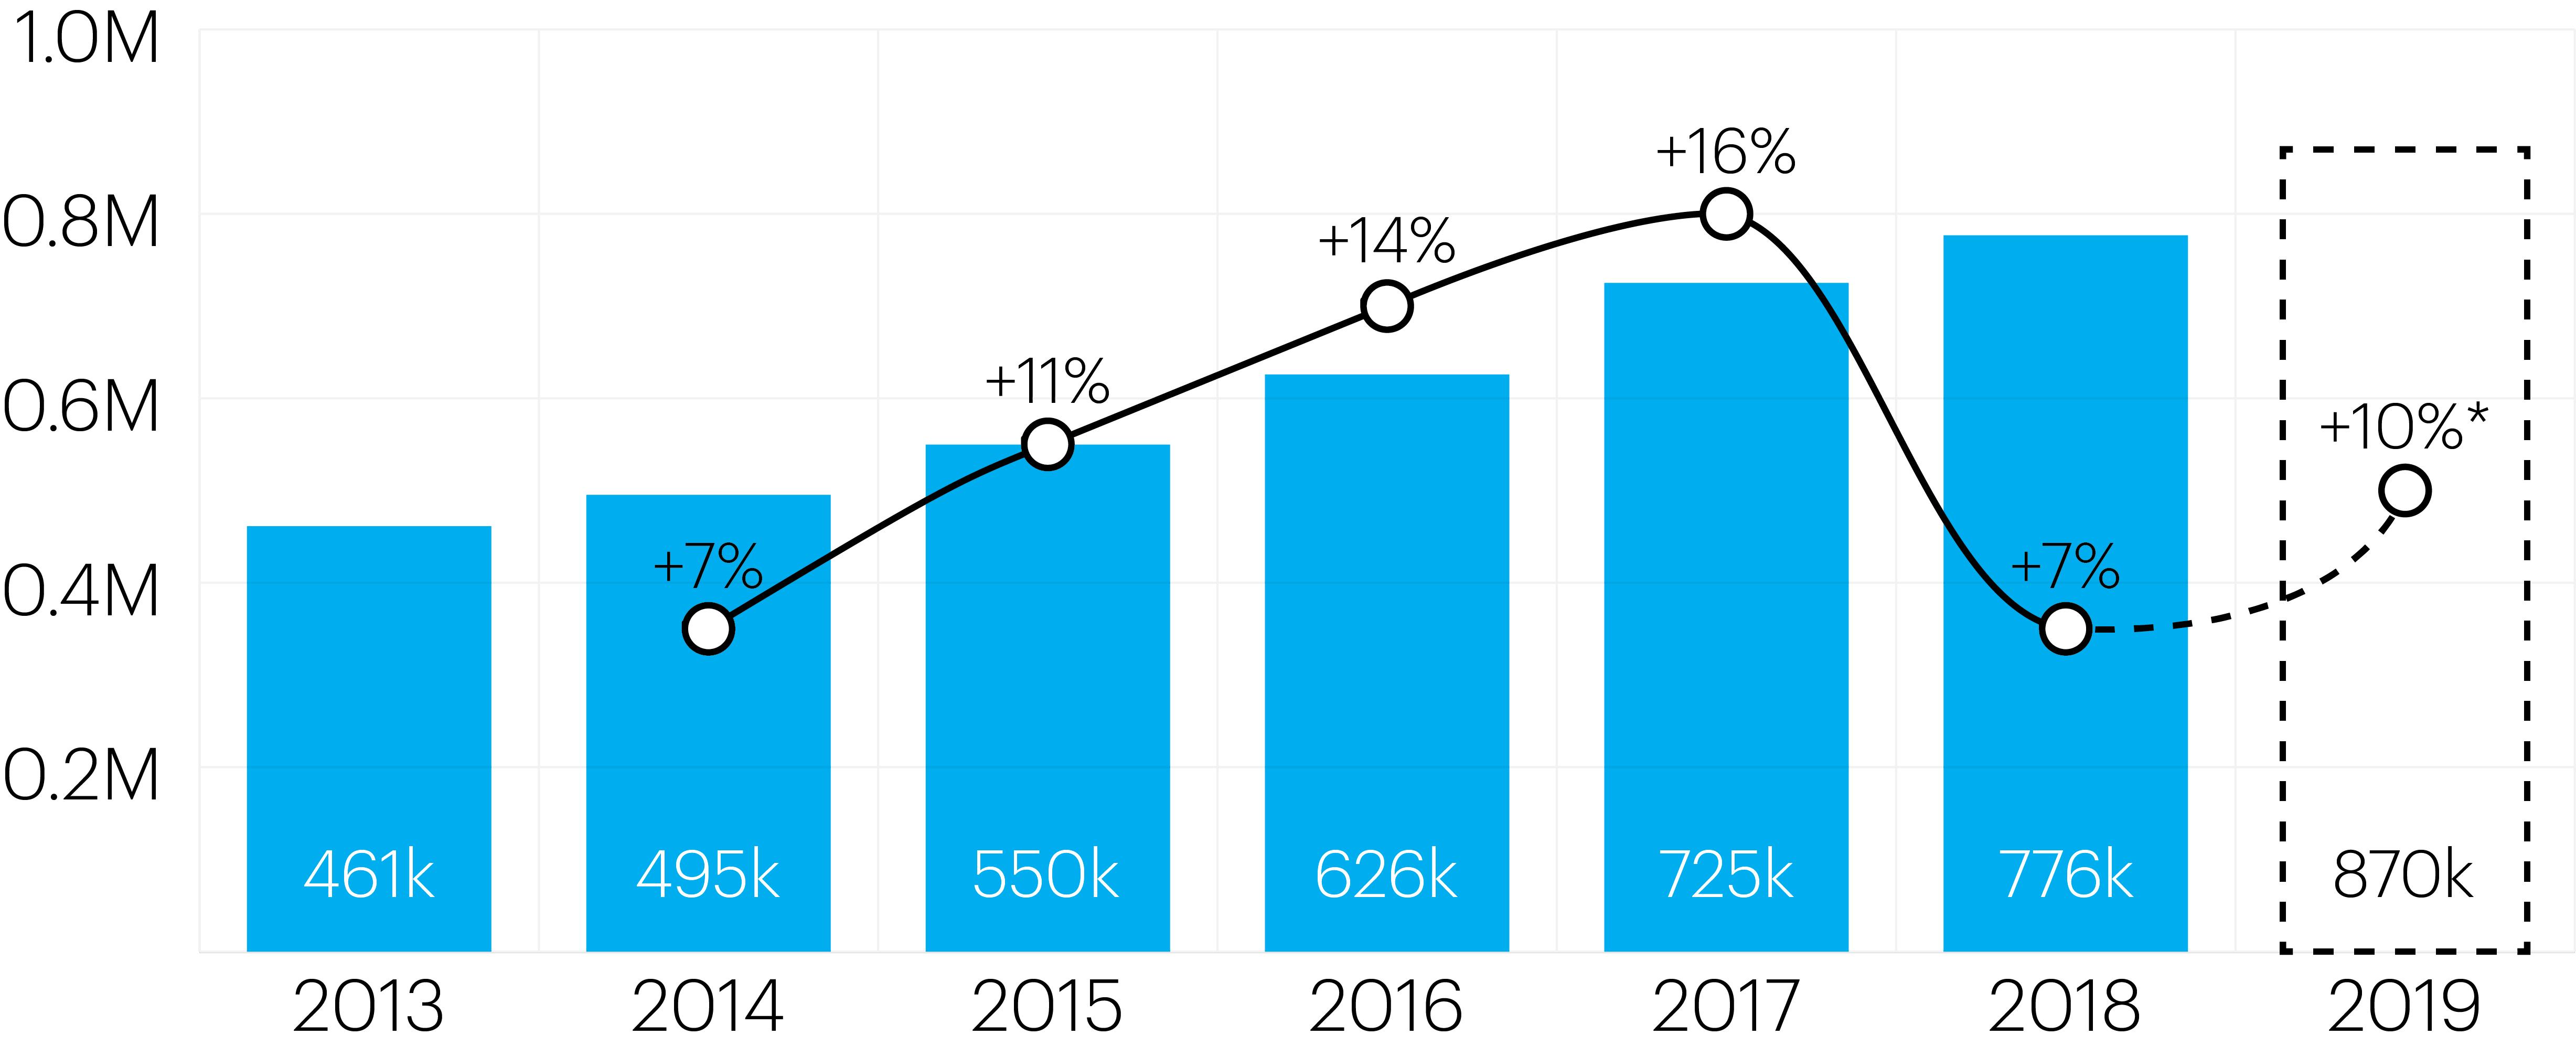 Evolução da rota Porto-Londres. Dados: CAA (2013-2018). Resultados para 2019 estimados.